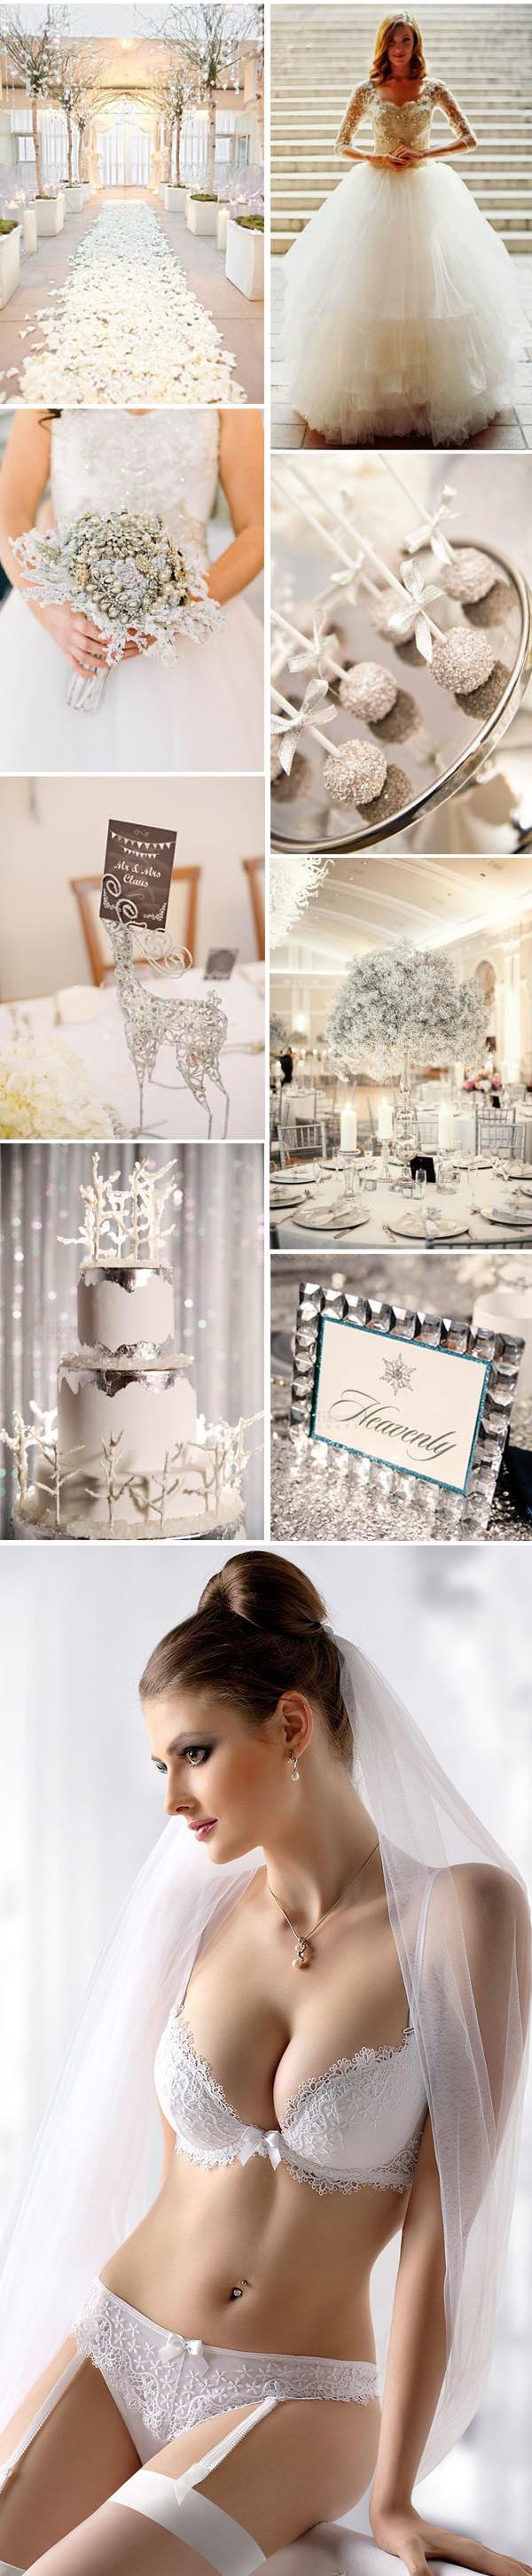 Ślubne inspiracje + bielizna damska Gracya